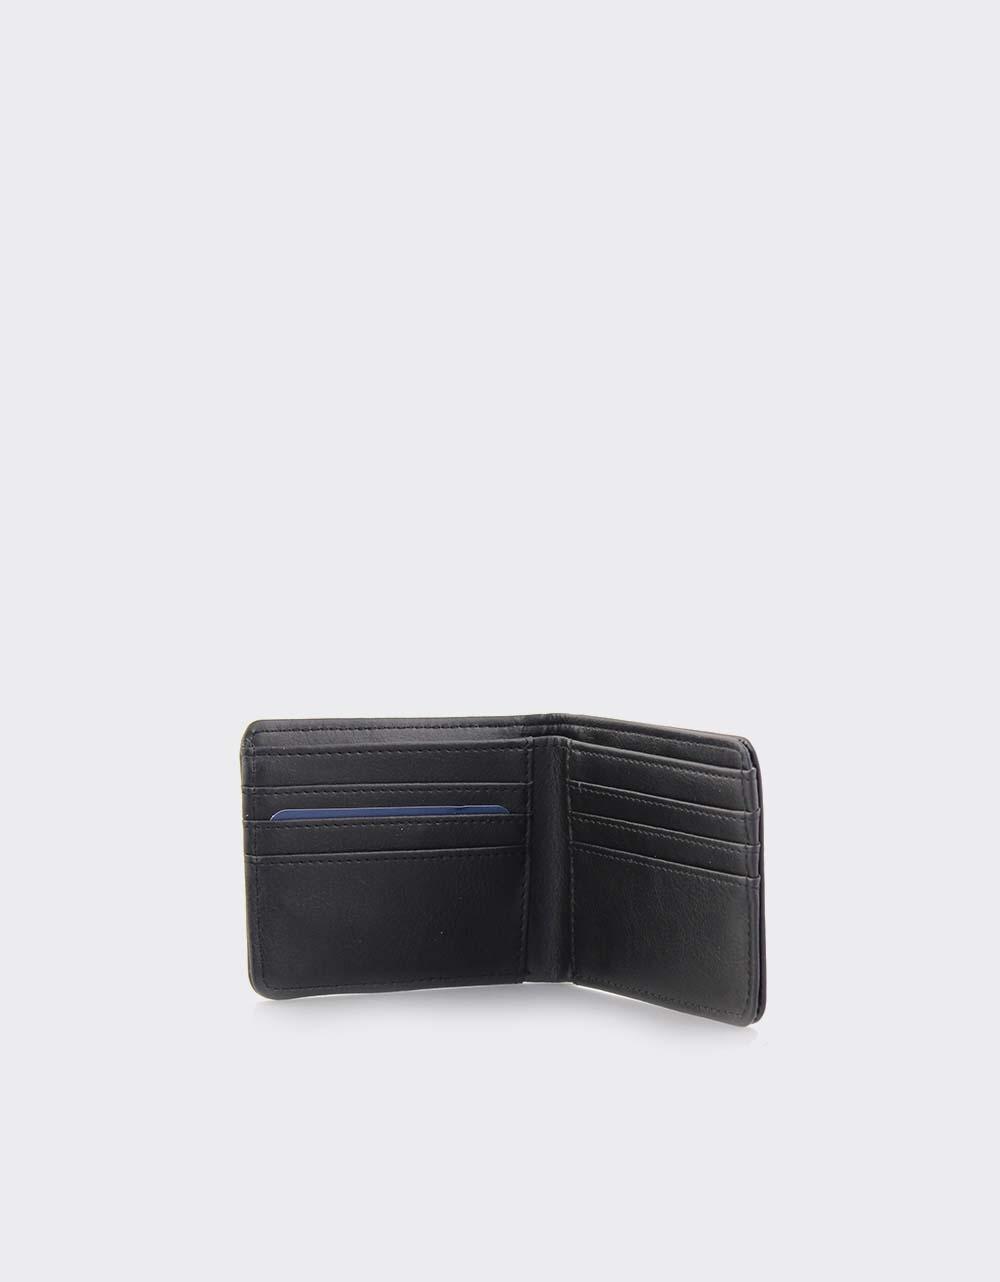 Εικόνα από Ανδρικά πορτοφόλια με αποσπώμενη θήκη Μαύρο